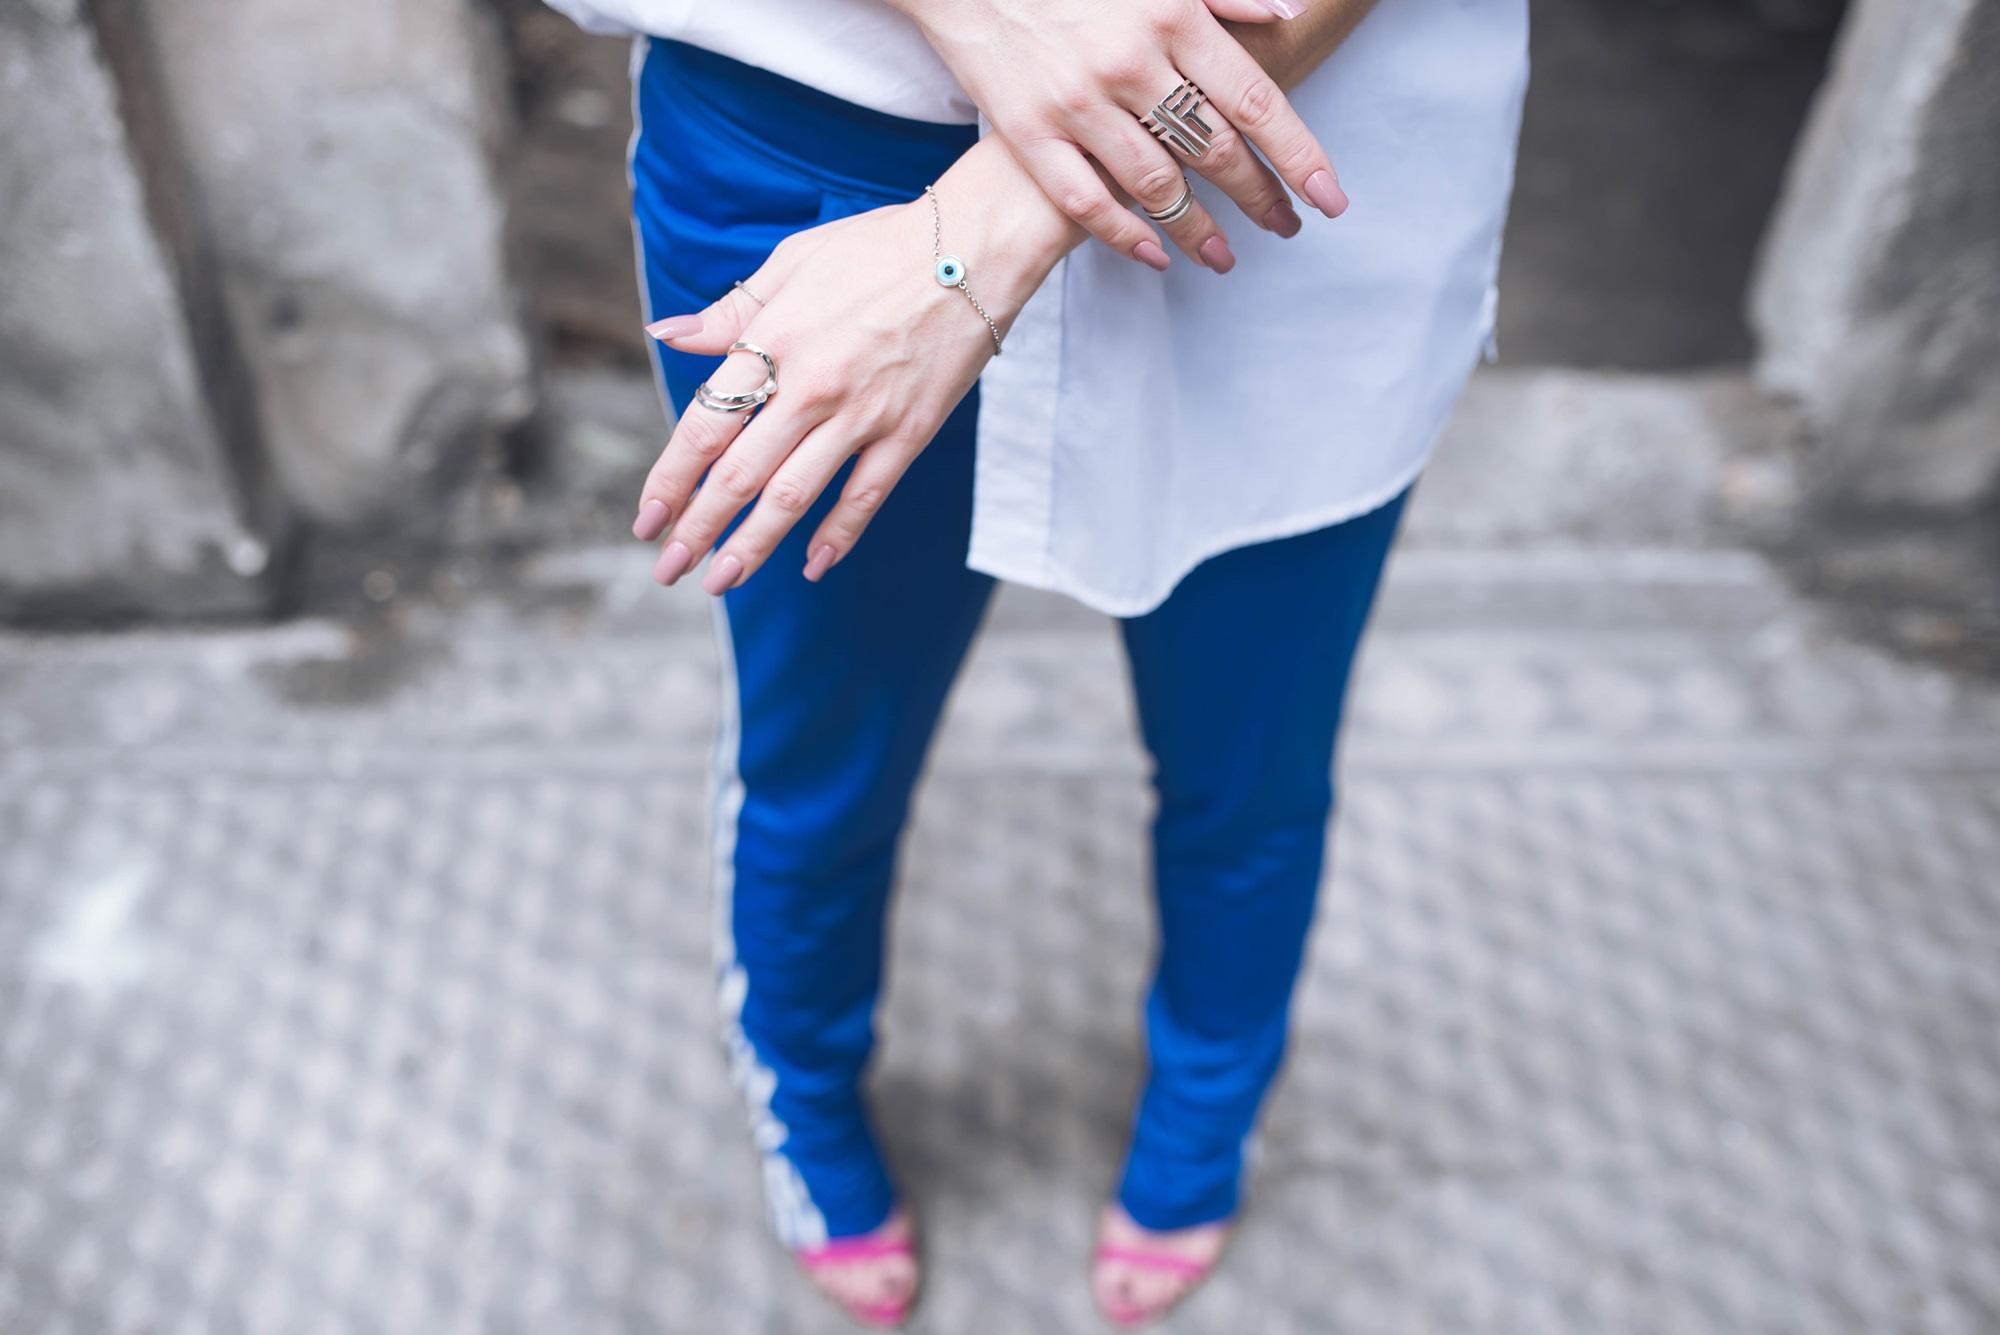 calca-adidas-camisa-do-boy-sandalias-tiras-genderless-style-blogvanduarte-8